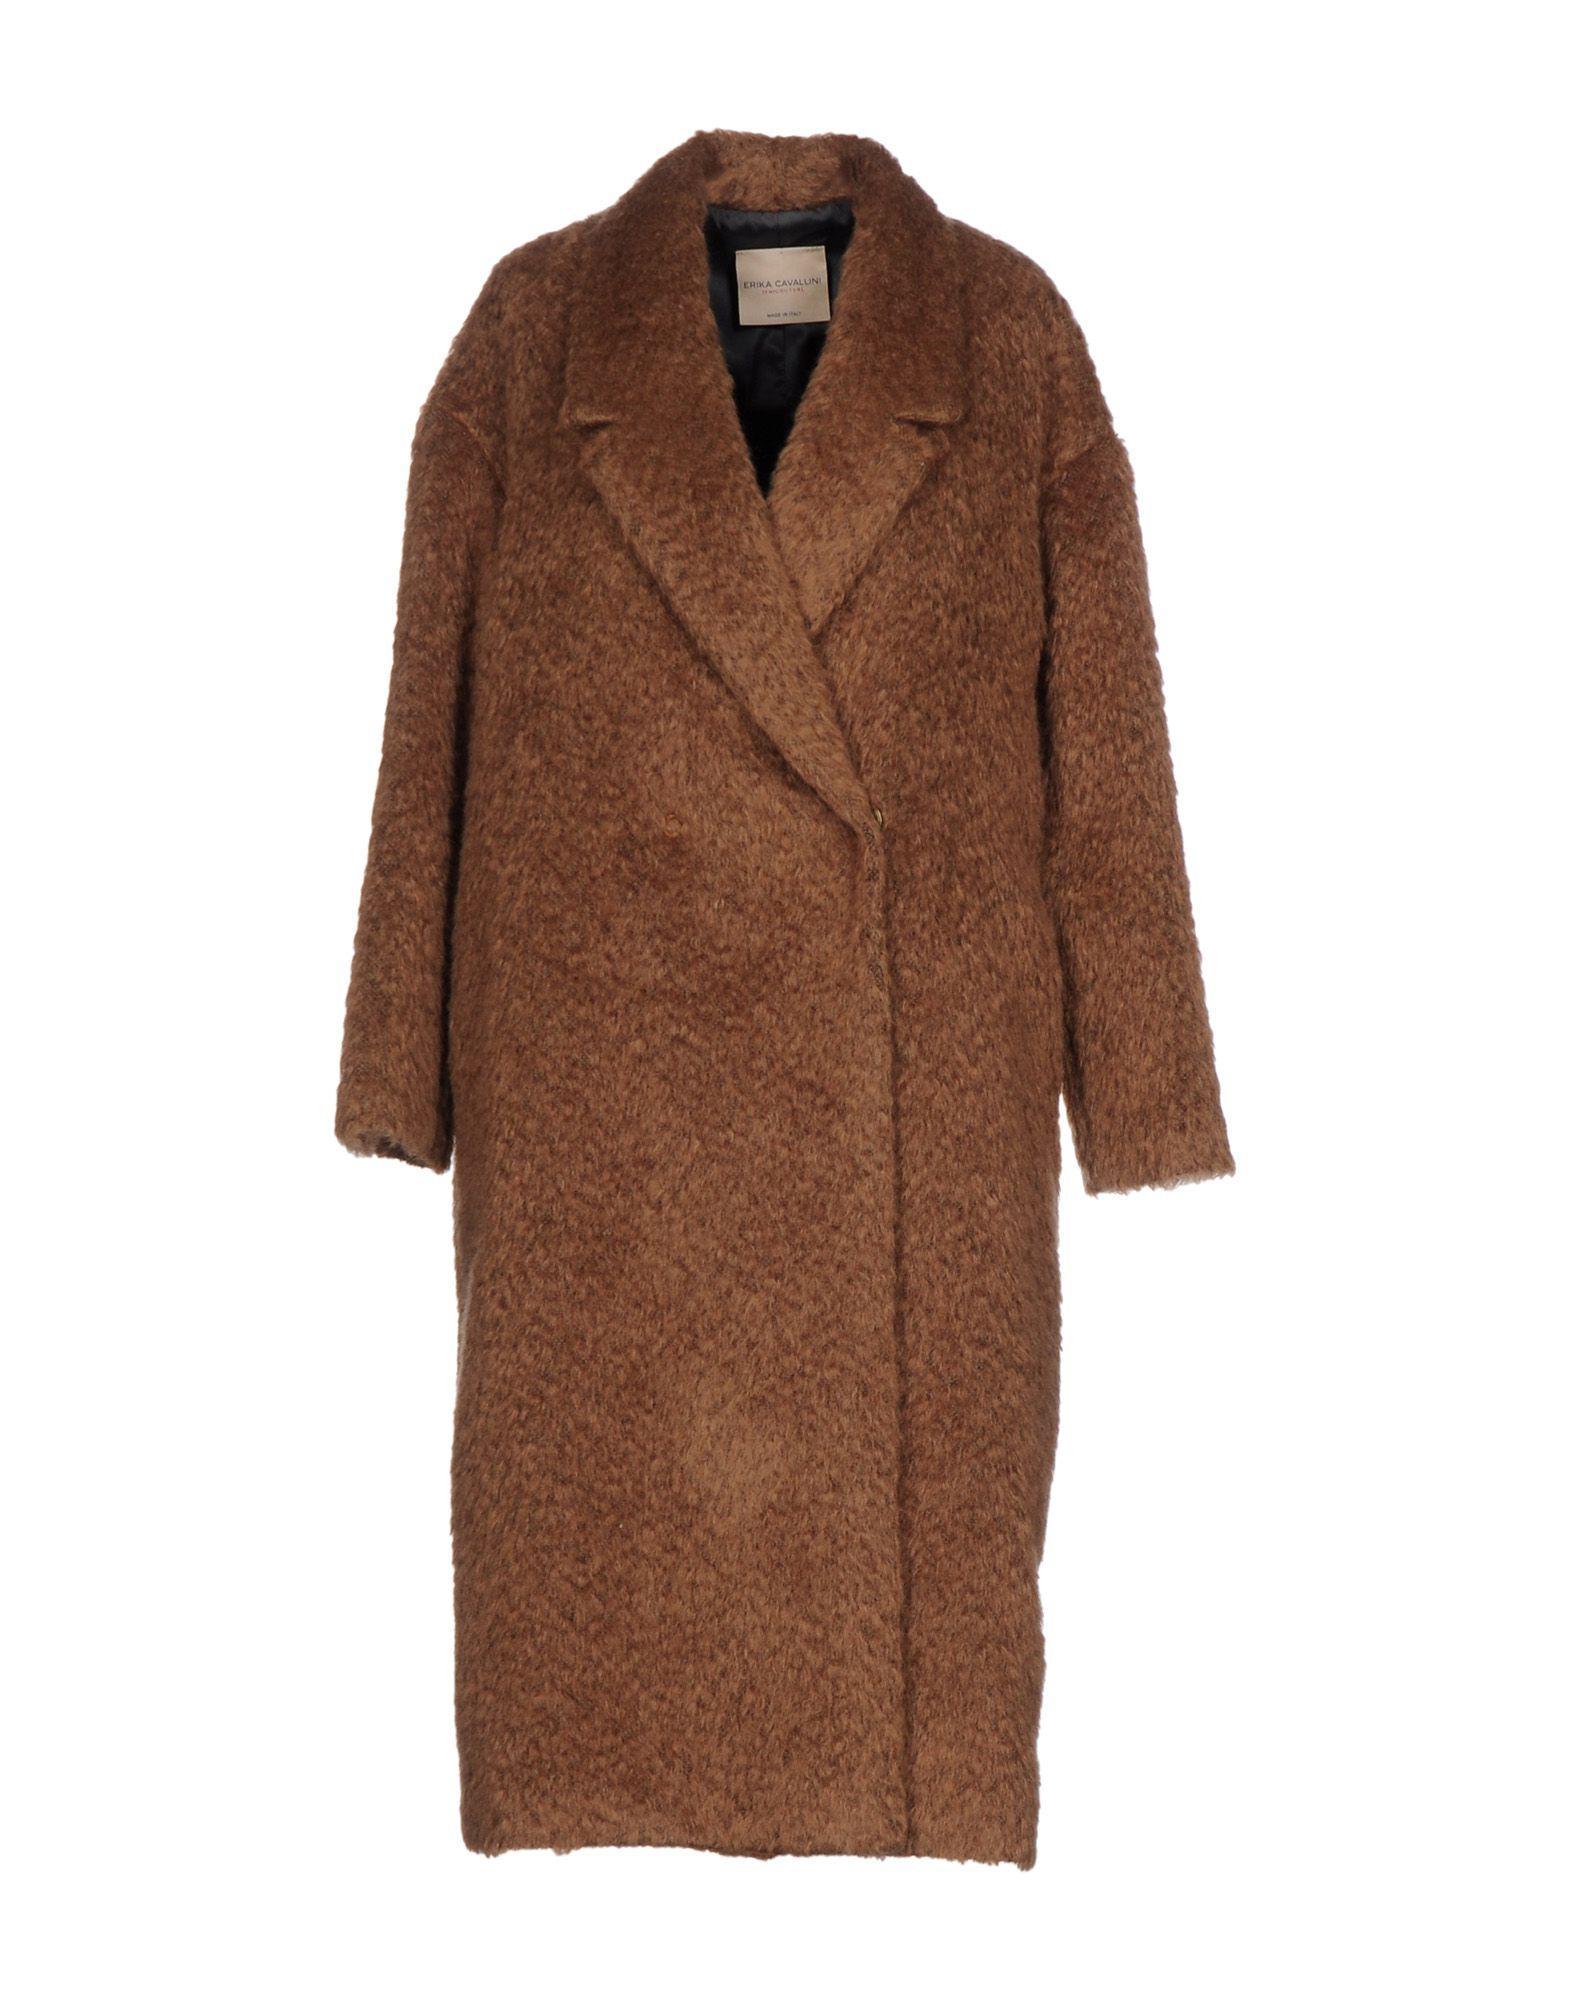 Erika Cavallini Coat In Camel